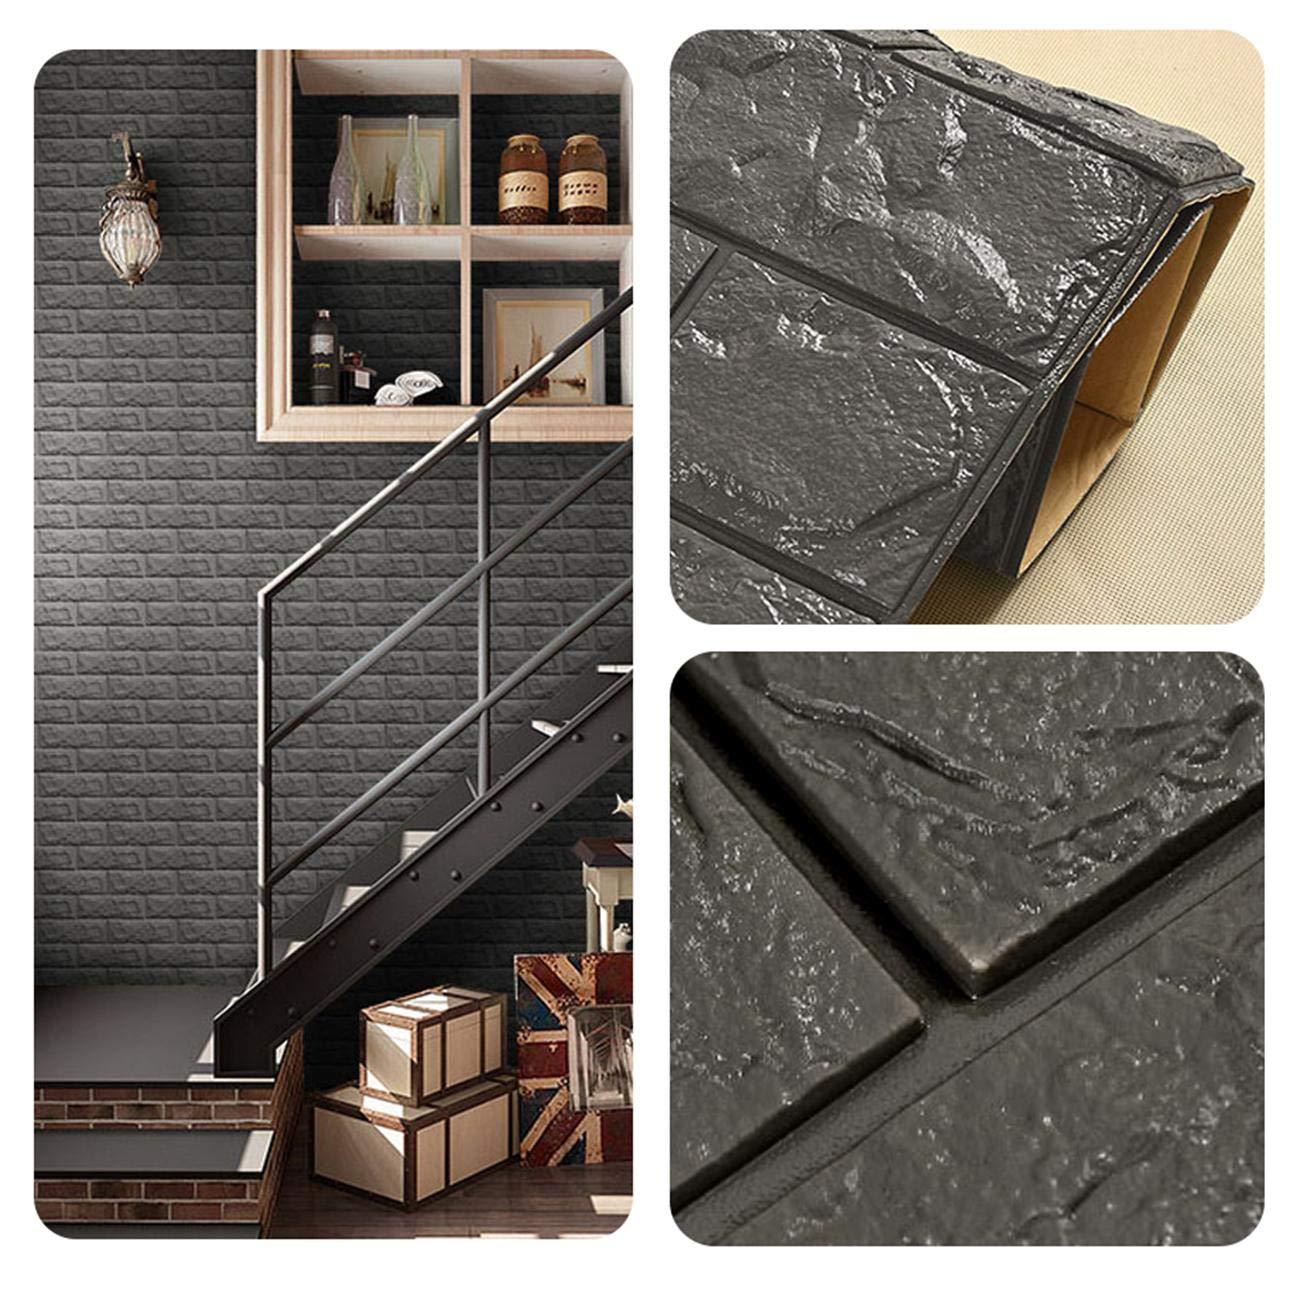 pannelli in schiuma polietilene con adesivo rimovibile per l/'ufficio in soggiorno sq ft 3.875//pcs Carta da parati in mattoni 3D Buio Grigio mattone 5 pezzi